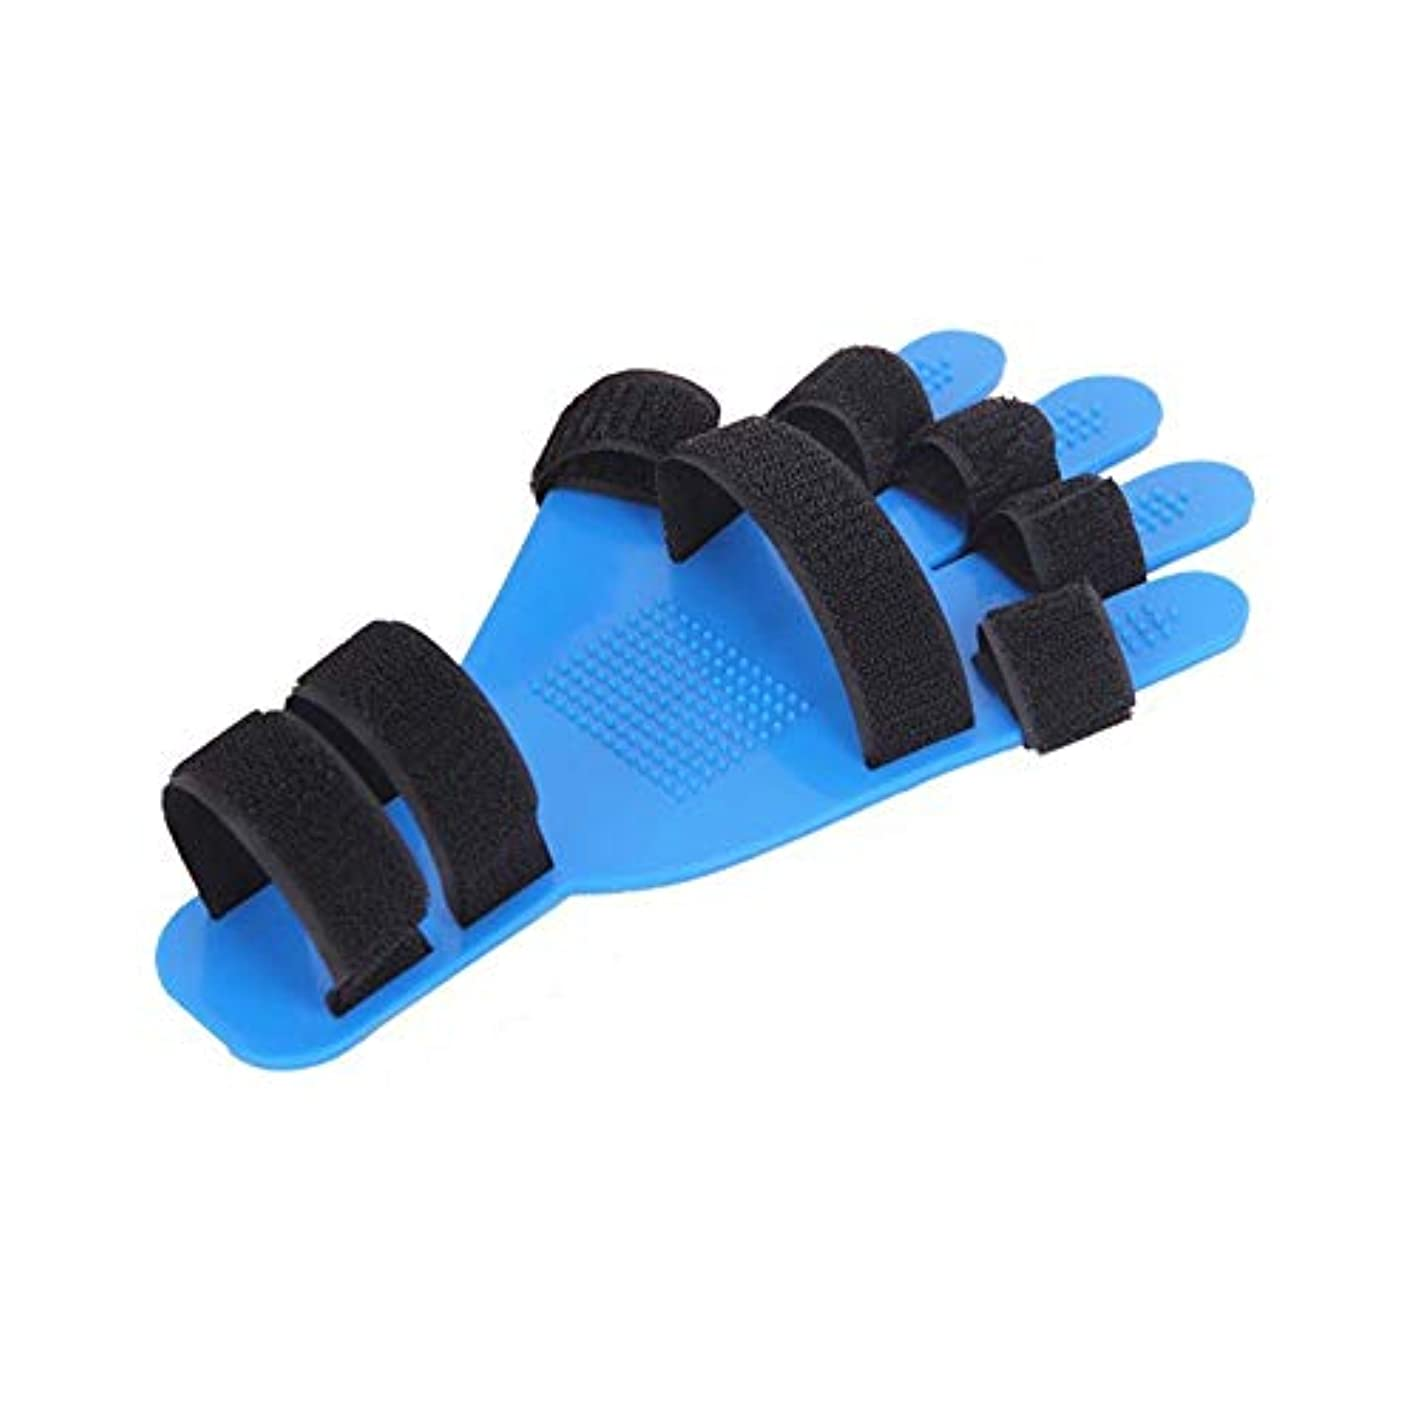 ハック信念事前指トレーニングボード 指サポーター 修正指板 指の訓練板 指の添え木指板 指リハビリ訓練器具 調節可能なフィンガー 左右手通用